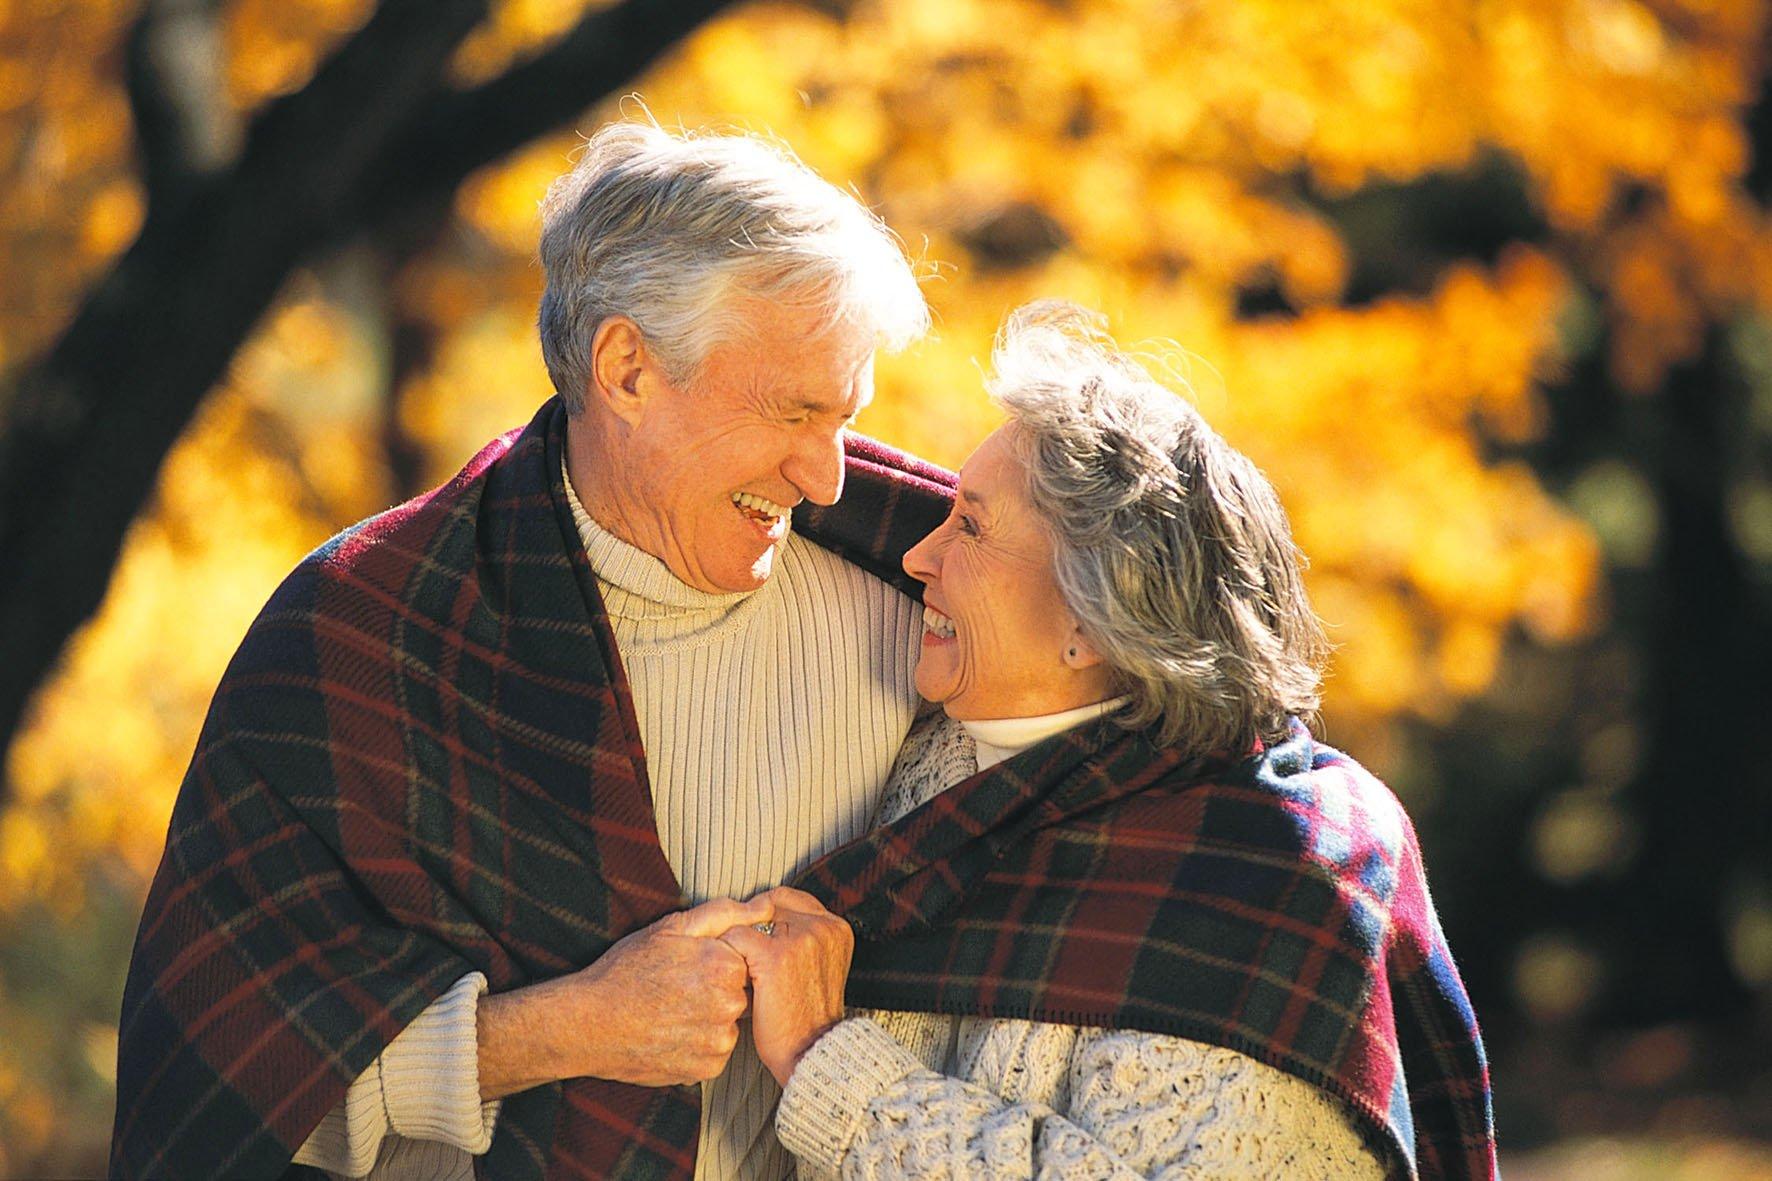 и а старости можно любить фото определении пола лучше